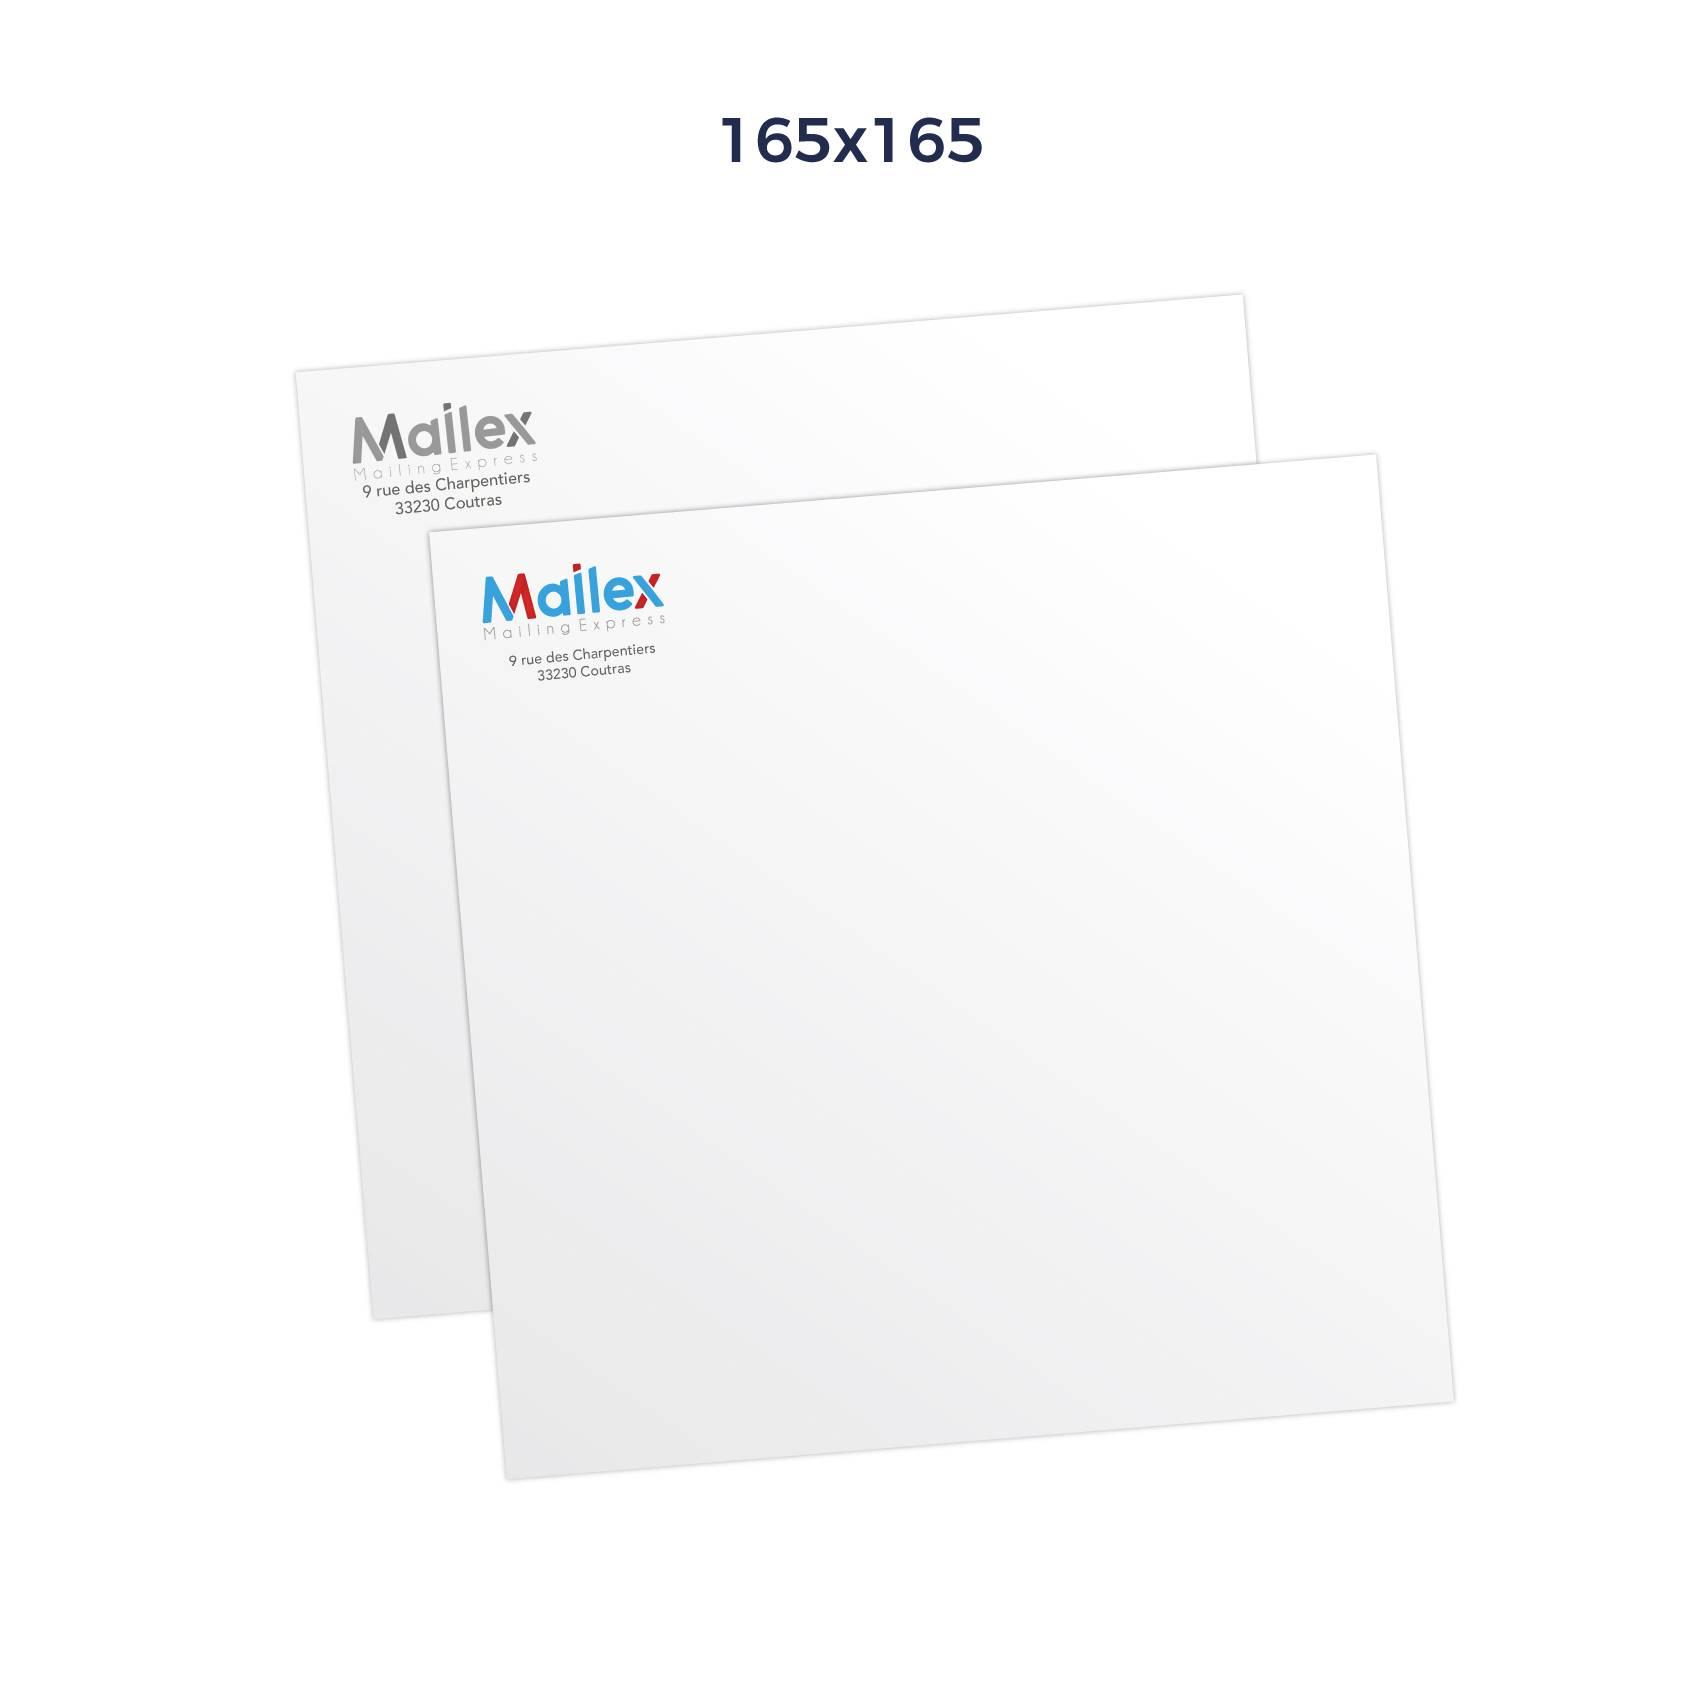 Enveloppes 165x165 gommée blanc90